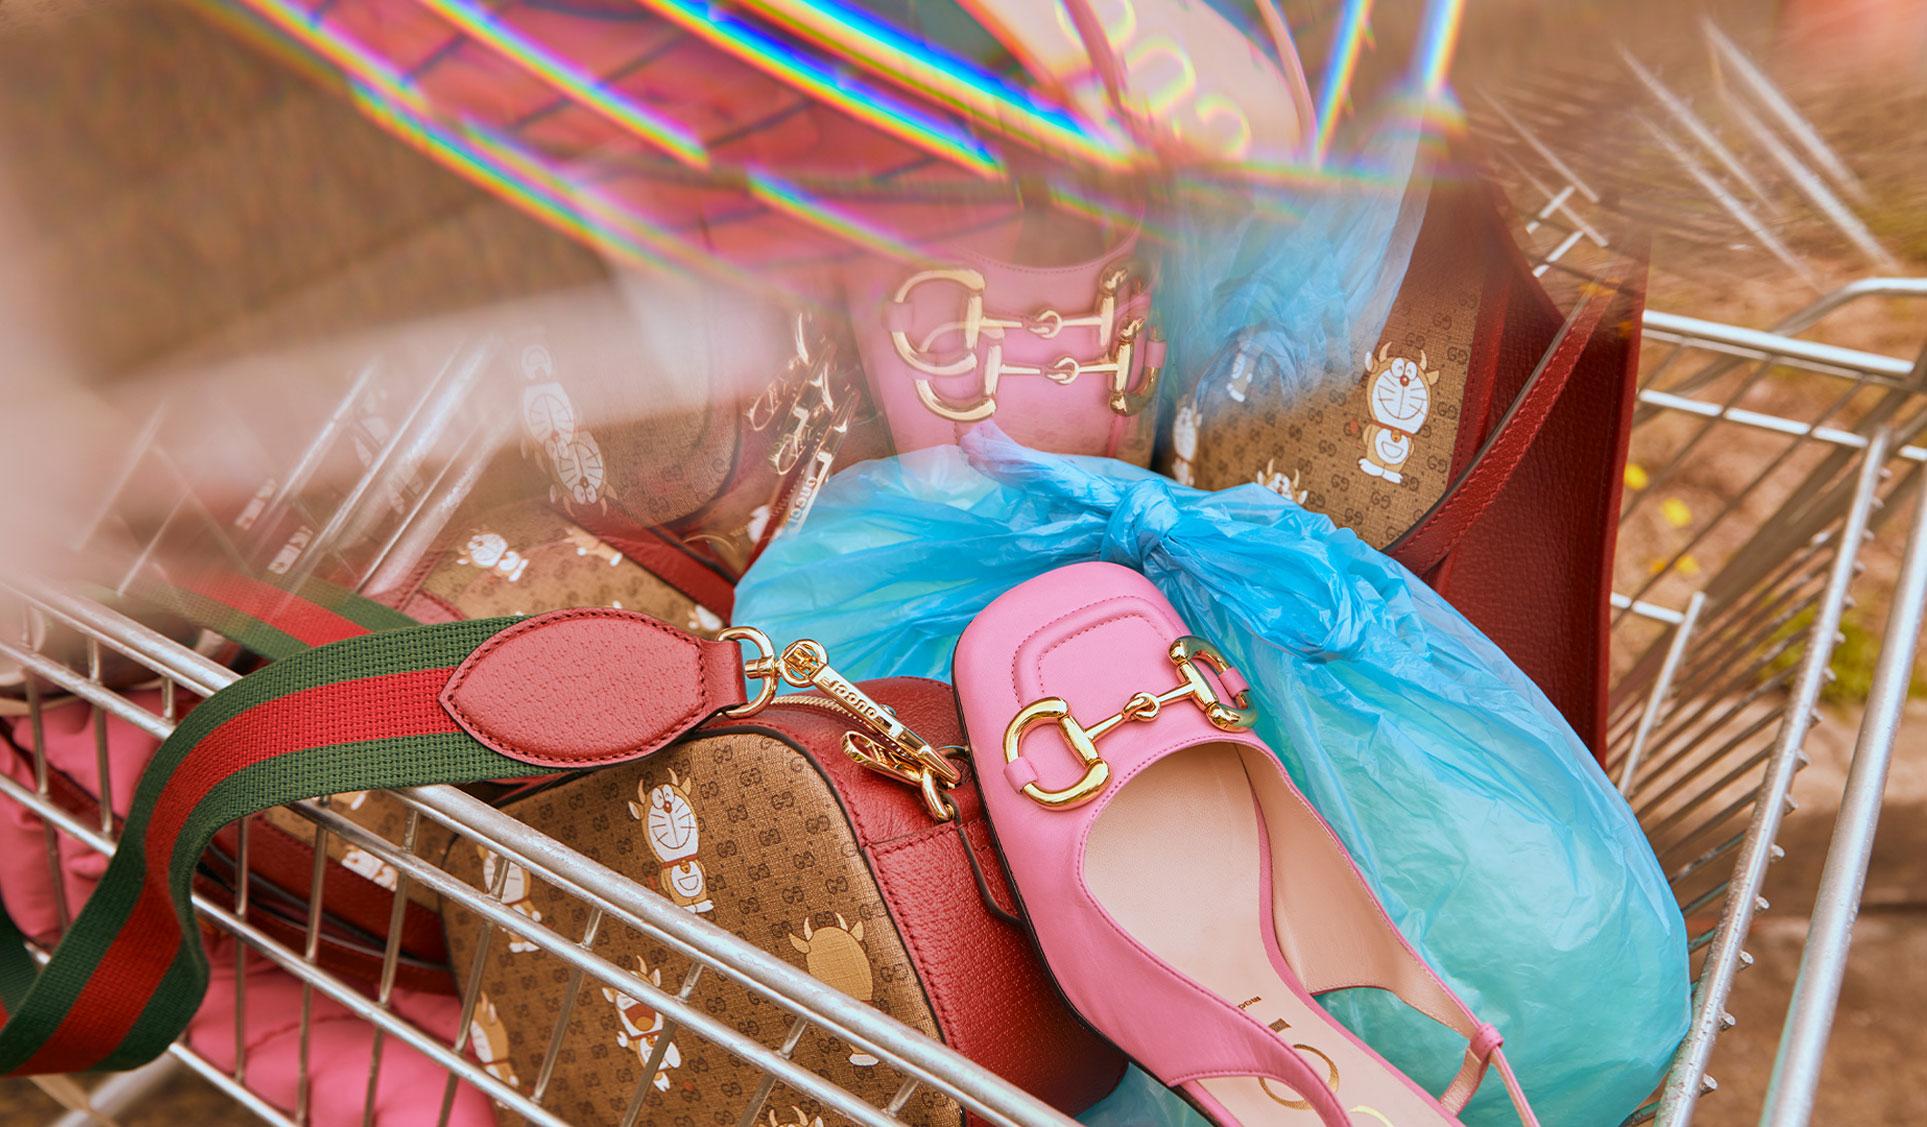 Обувь и сумочки новой коллекции Doraemon x Gucci / фото 16